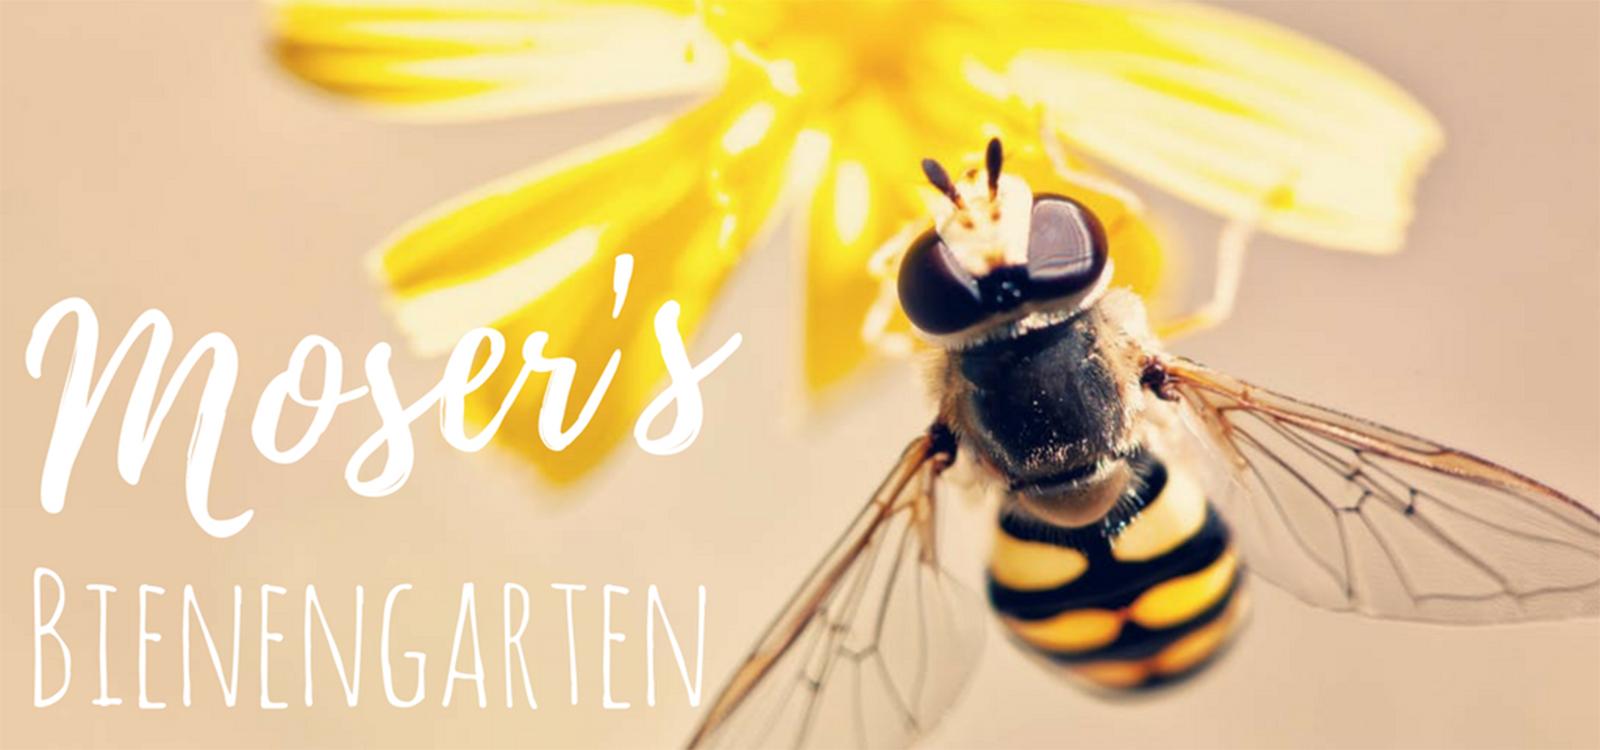 Moser's Bienengarten